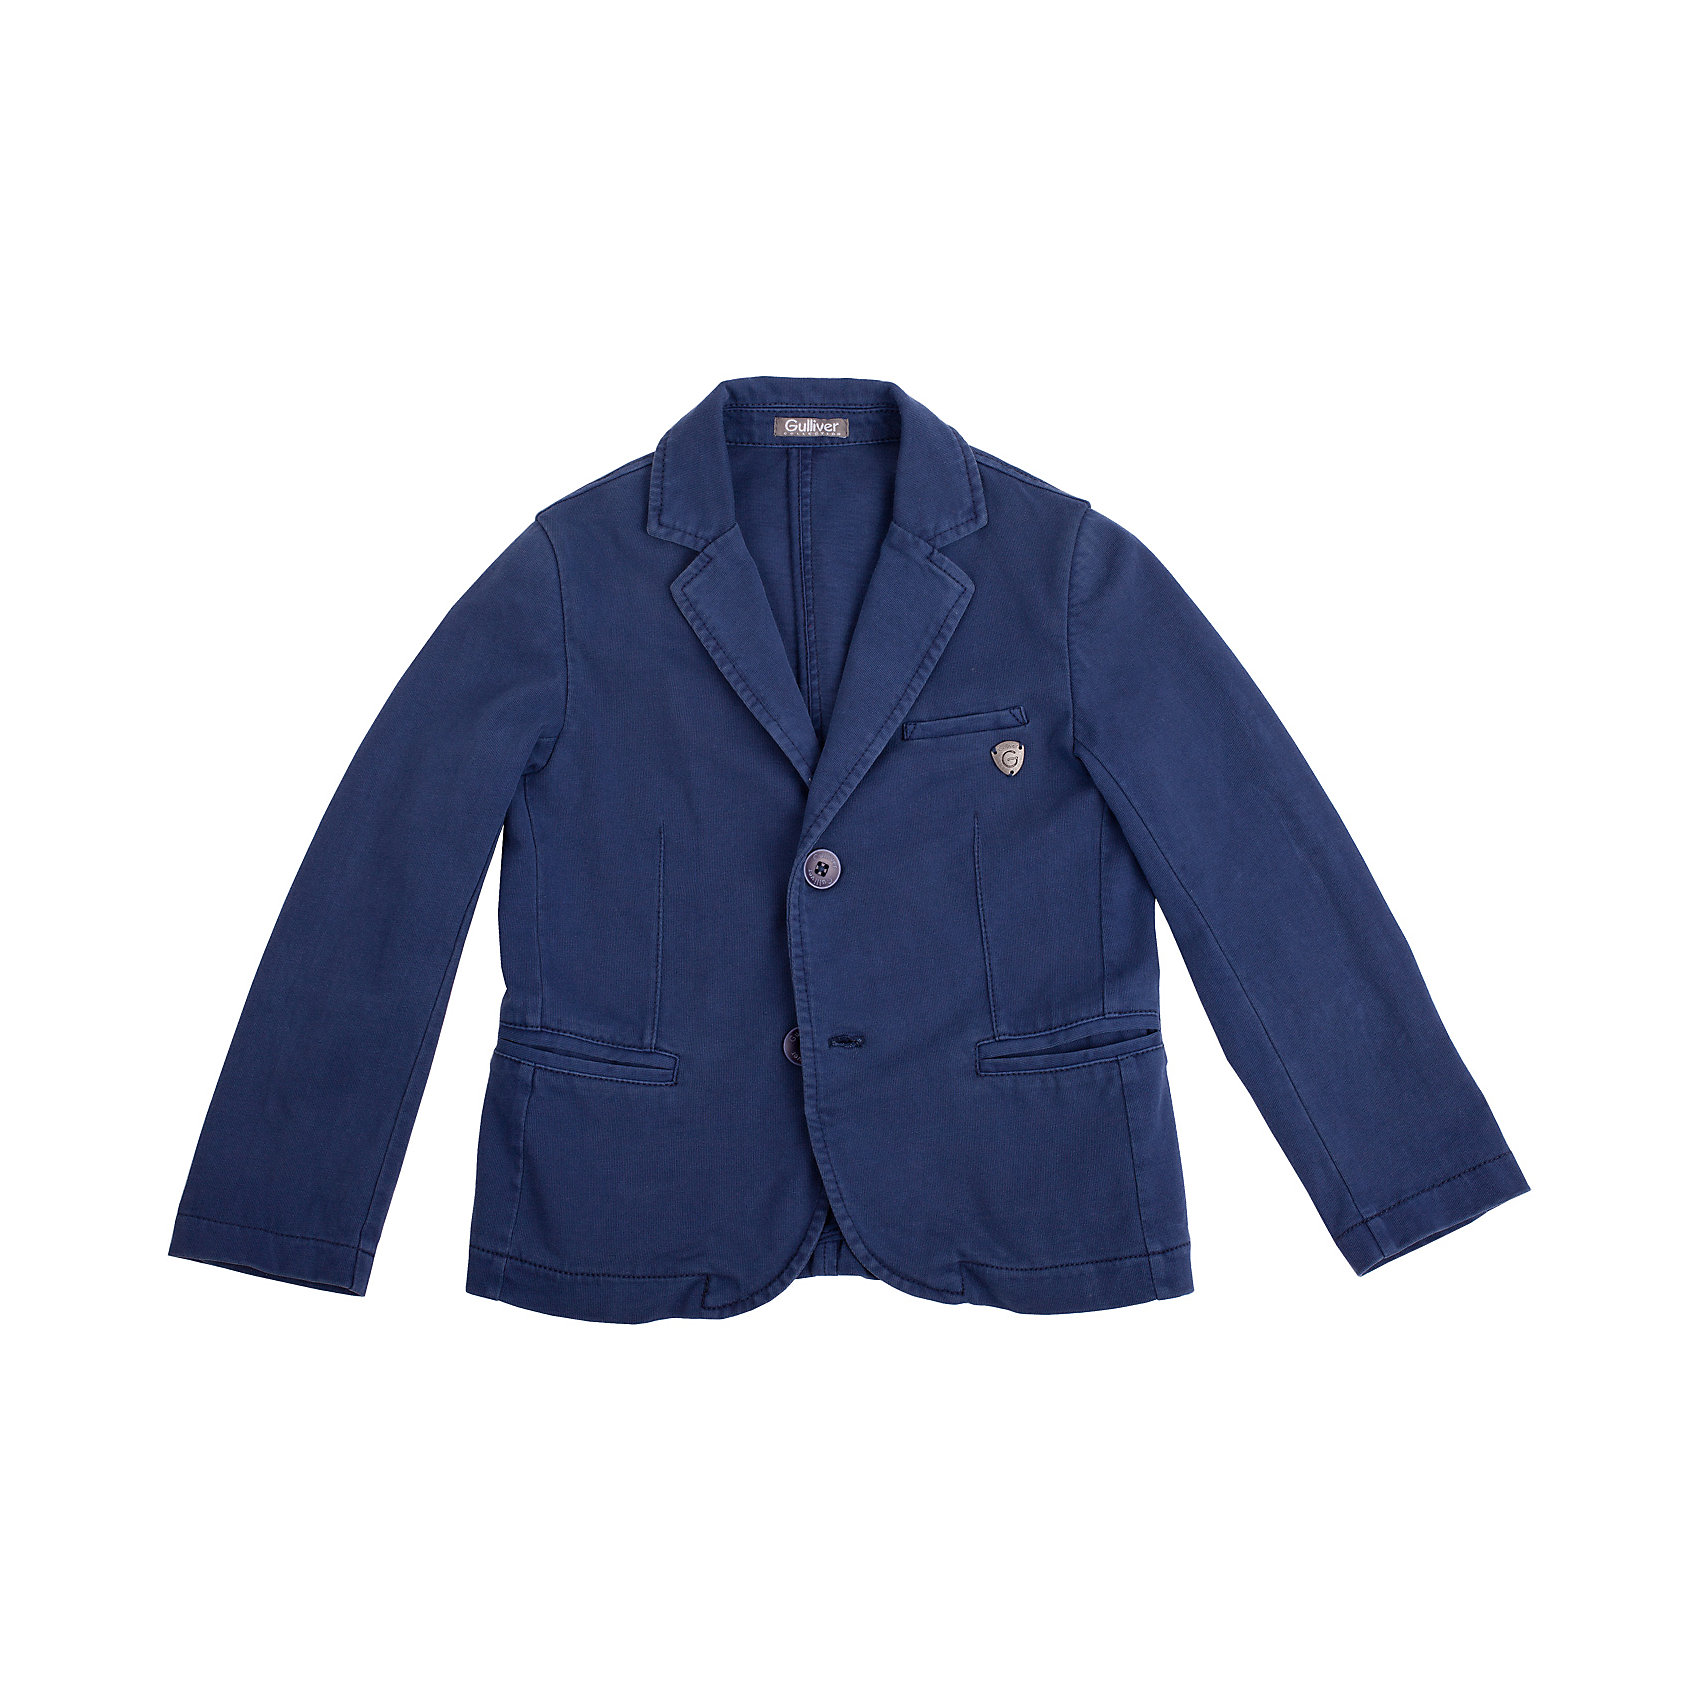 Пиджак для мальчика GulliverВы хотите купить брендовый пиджак для мальчика, который сделает летний образ ребенка элегантным? Предпочитаете приобрести модный пиджак, в котором ему будет так же комфортно, как в любимой толстовке? Тогда синий трикотажный пиджак, выполненный из 100% хлопка - то, что вам нужно! Трикотажный пиджак - хит сезона Весна/Лето 2016! А также, идеальная вещь для создания нарядного образа без лишнего пафоса. Стильный синий пиджак имеет легкий эффект неравномерного крашения, придающий ему модную элегантную небрежность.<br>Состав:<br>100% хлопок<br><br>Ширина мм: 356<br>Глубина мм: 10<br>Высота мм: 245<br>Вес г: 519<br>Цвет: синий<br>Возраст от месяцев: 24<br>Возраст до месяцев: 36<br>Пол: Мужской<br>Возраст: Детский<br>Размер: 98,122,104,110,116<br>SKU: 4534764